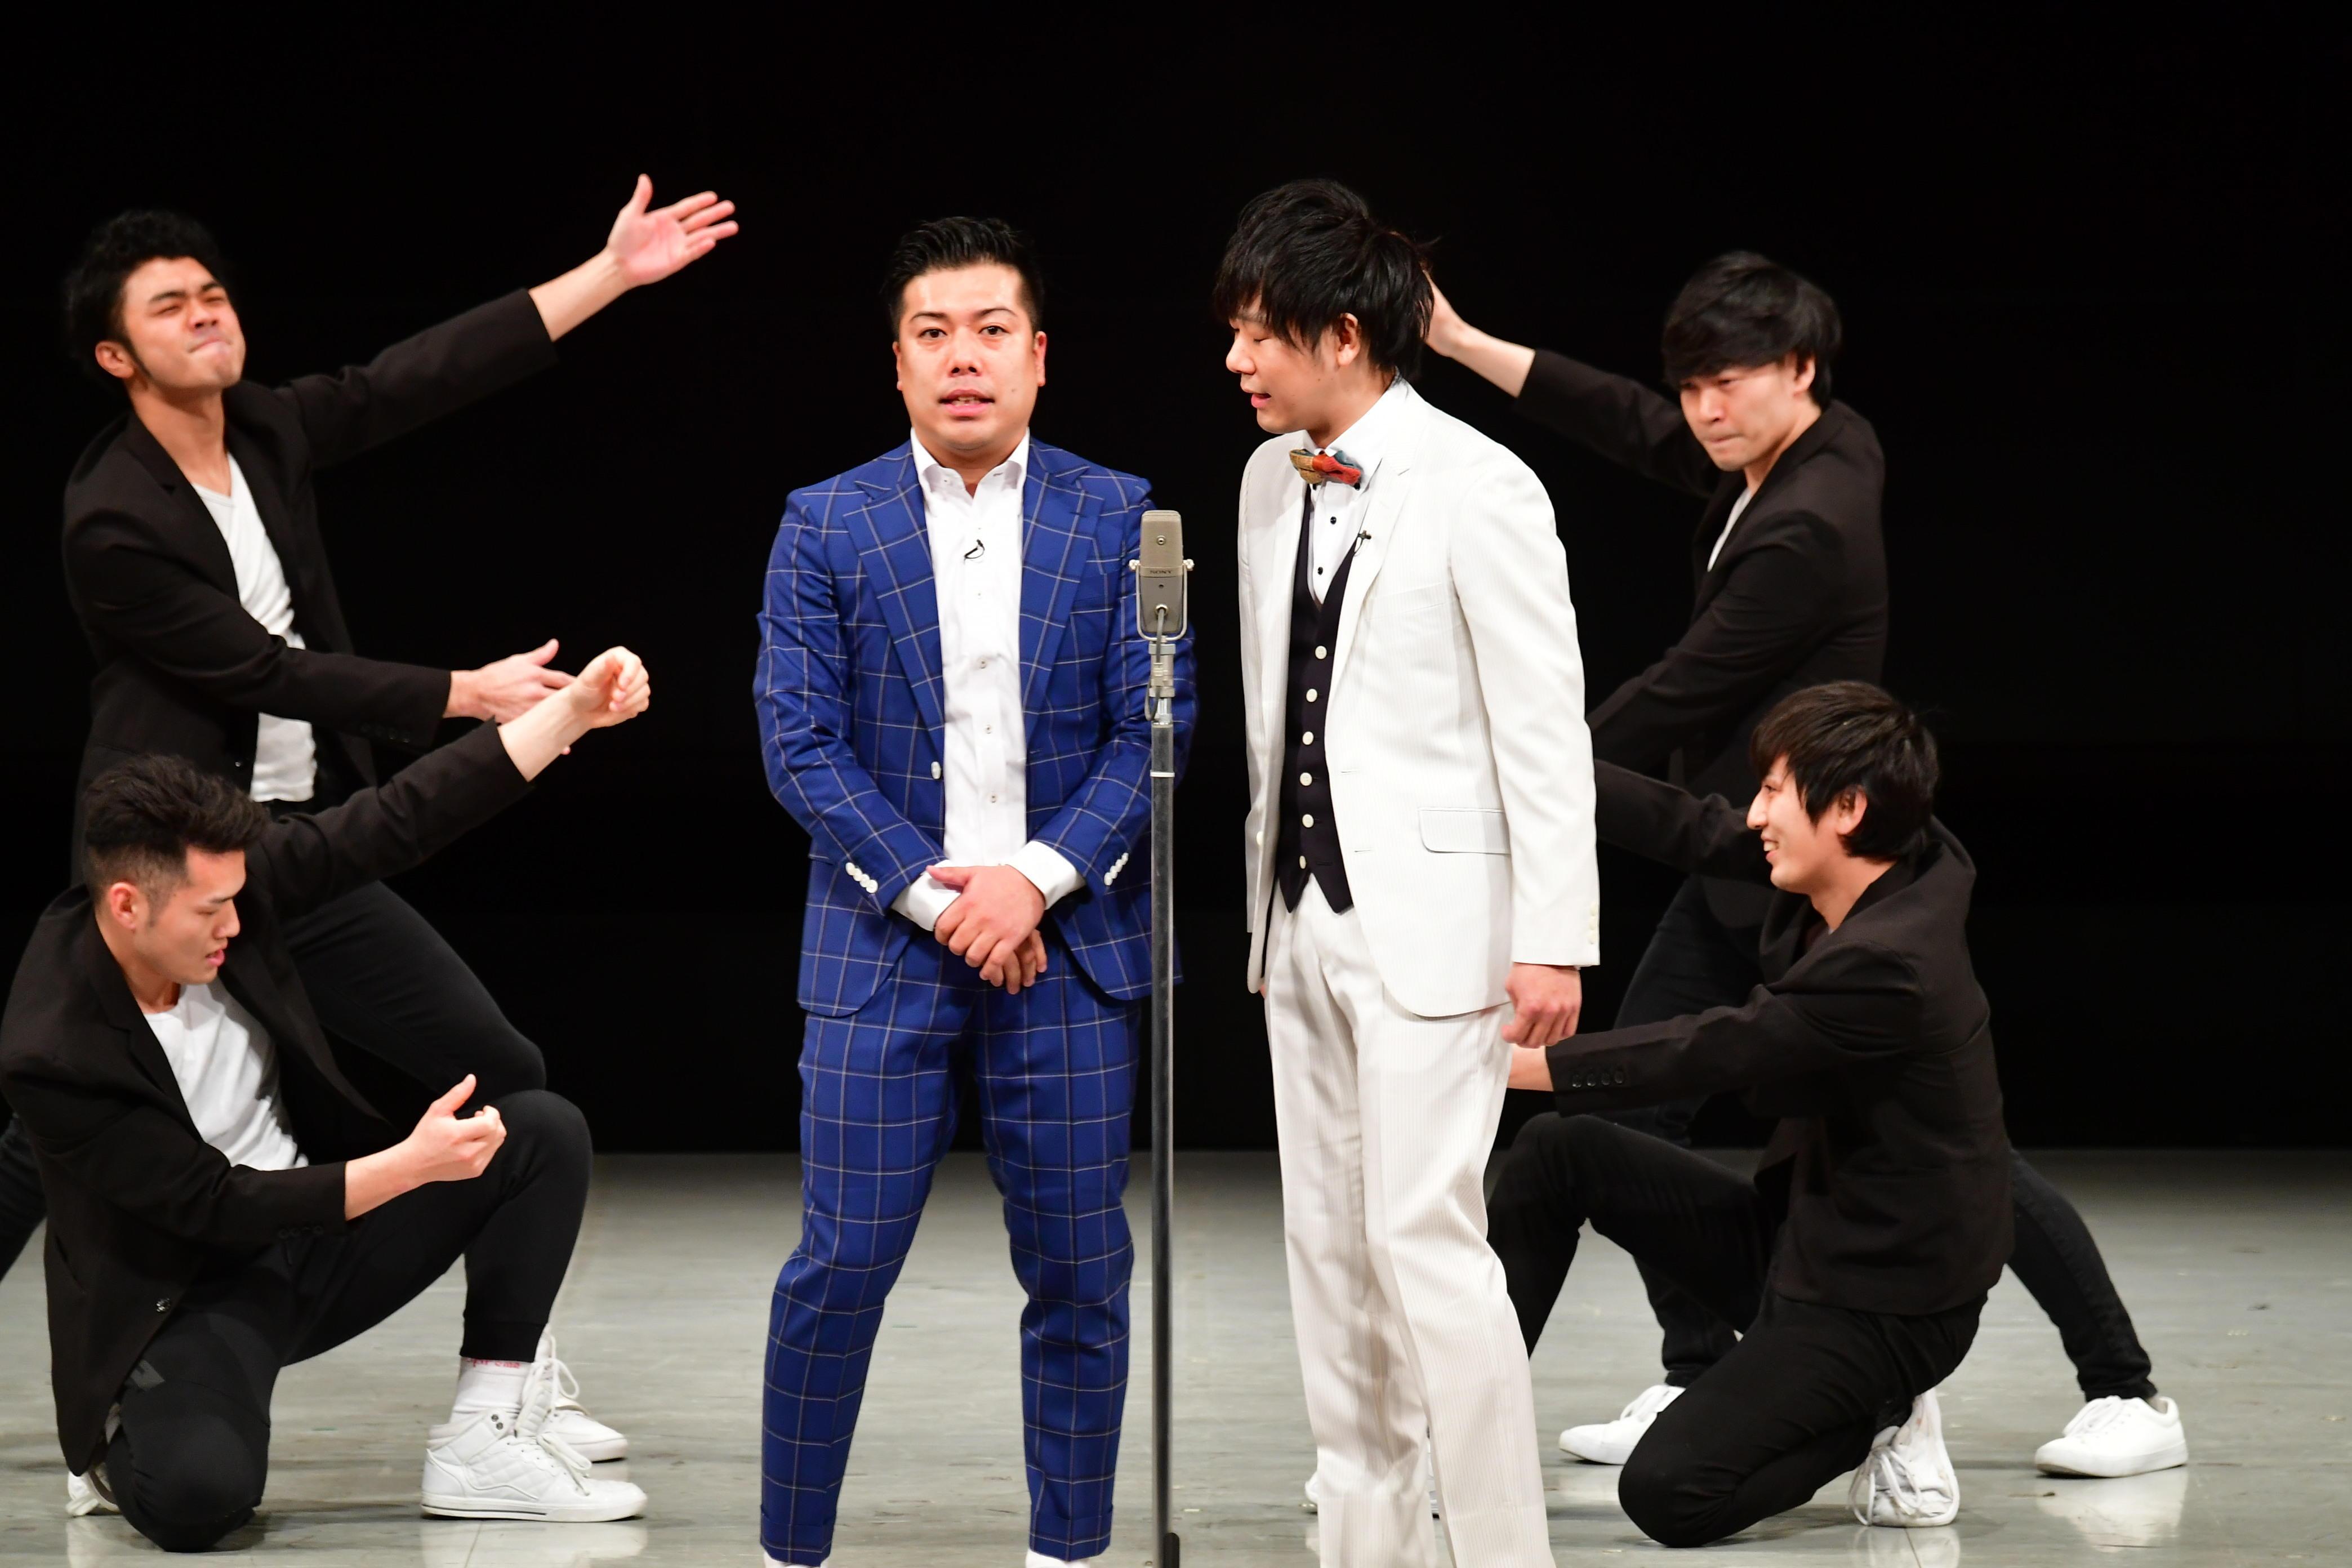 http://news.yoshimoto.co.jp/20190128185059-1fbaac415a74d9c68108a79b6dc99e79215143f5.jpg